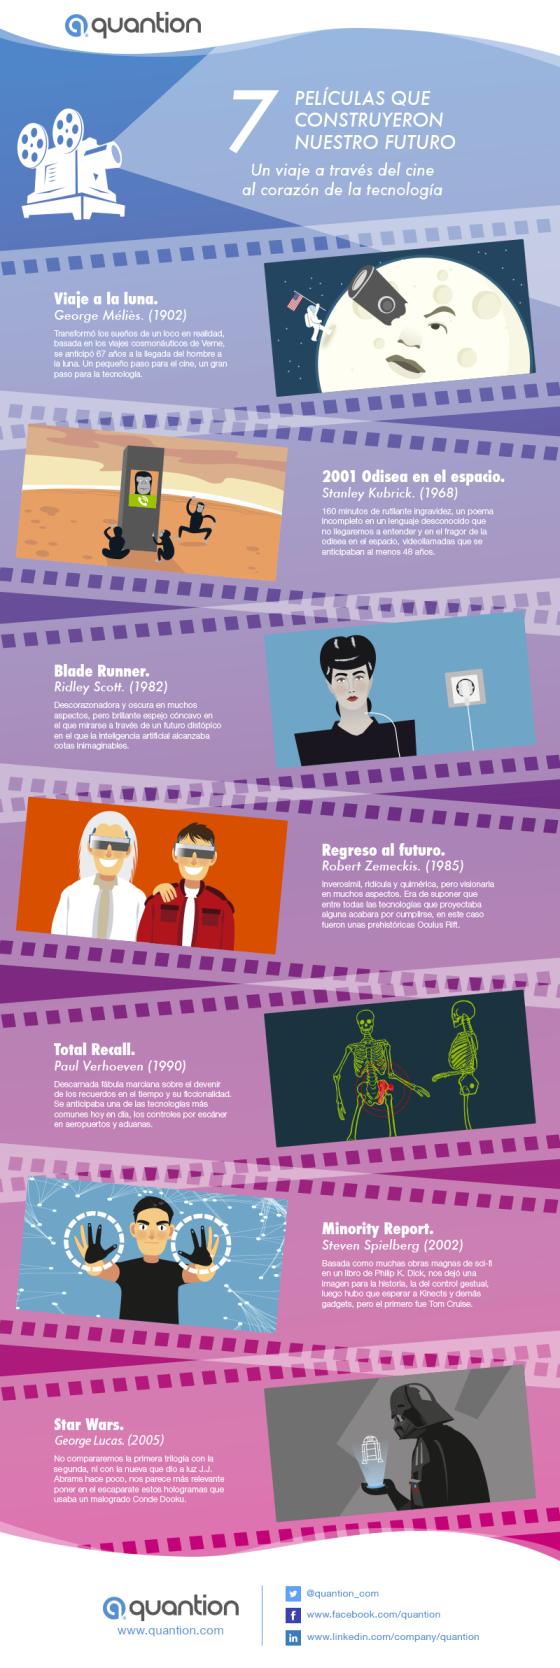 7 películas que construyeron nuestro futuro